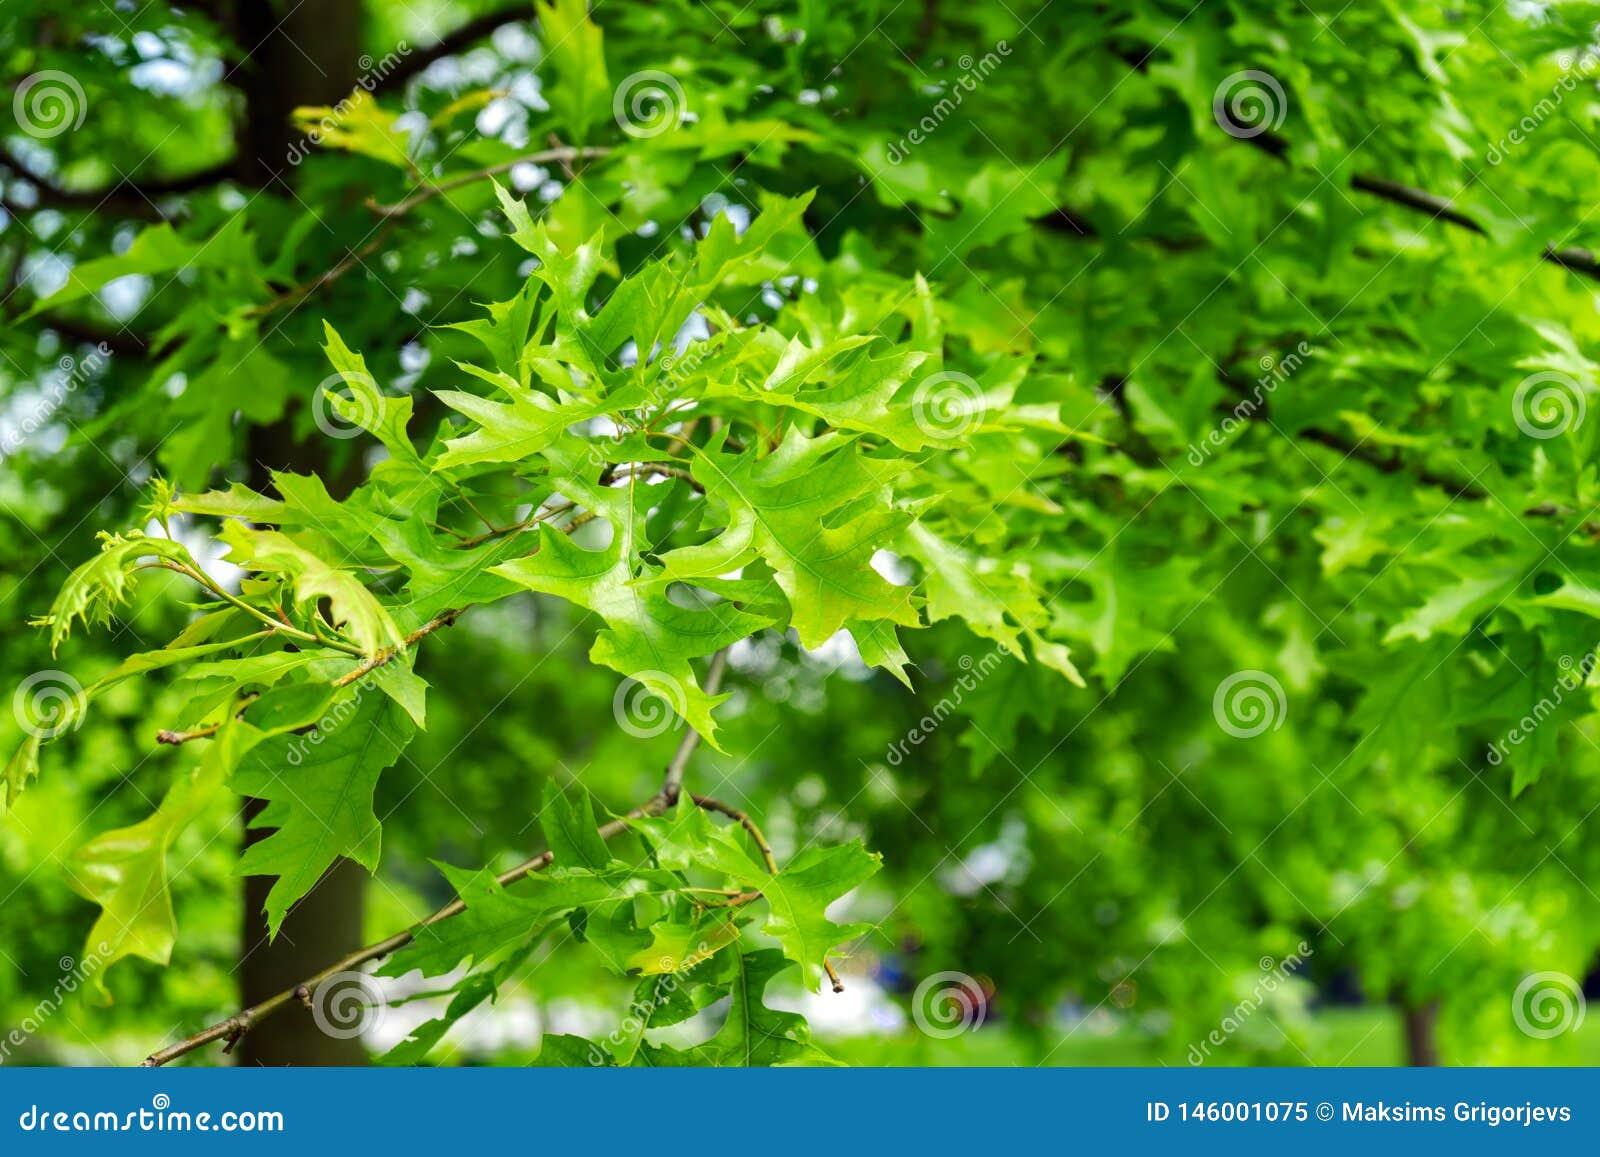 Gröna sidor av att landskap trädet, Quercuspalustris, stiftet eller den spanska eken för träsk parkerar in